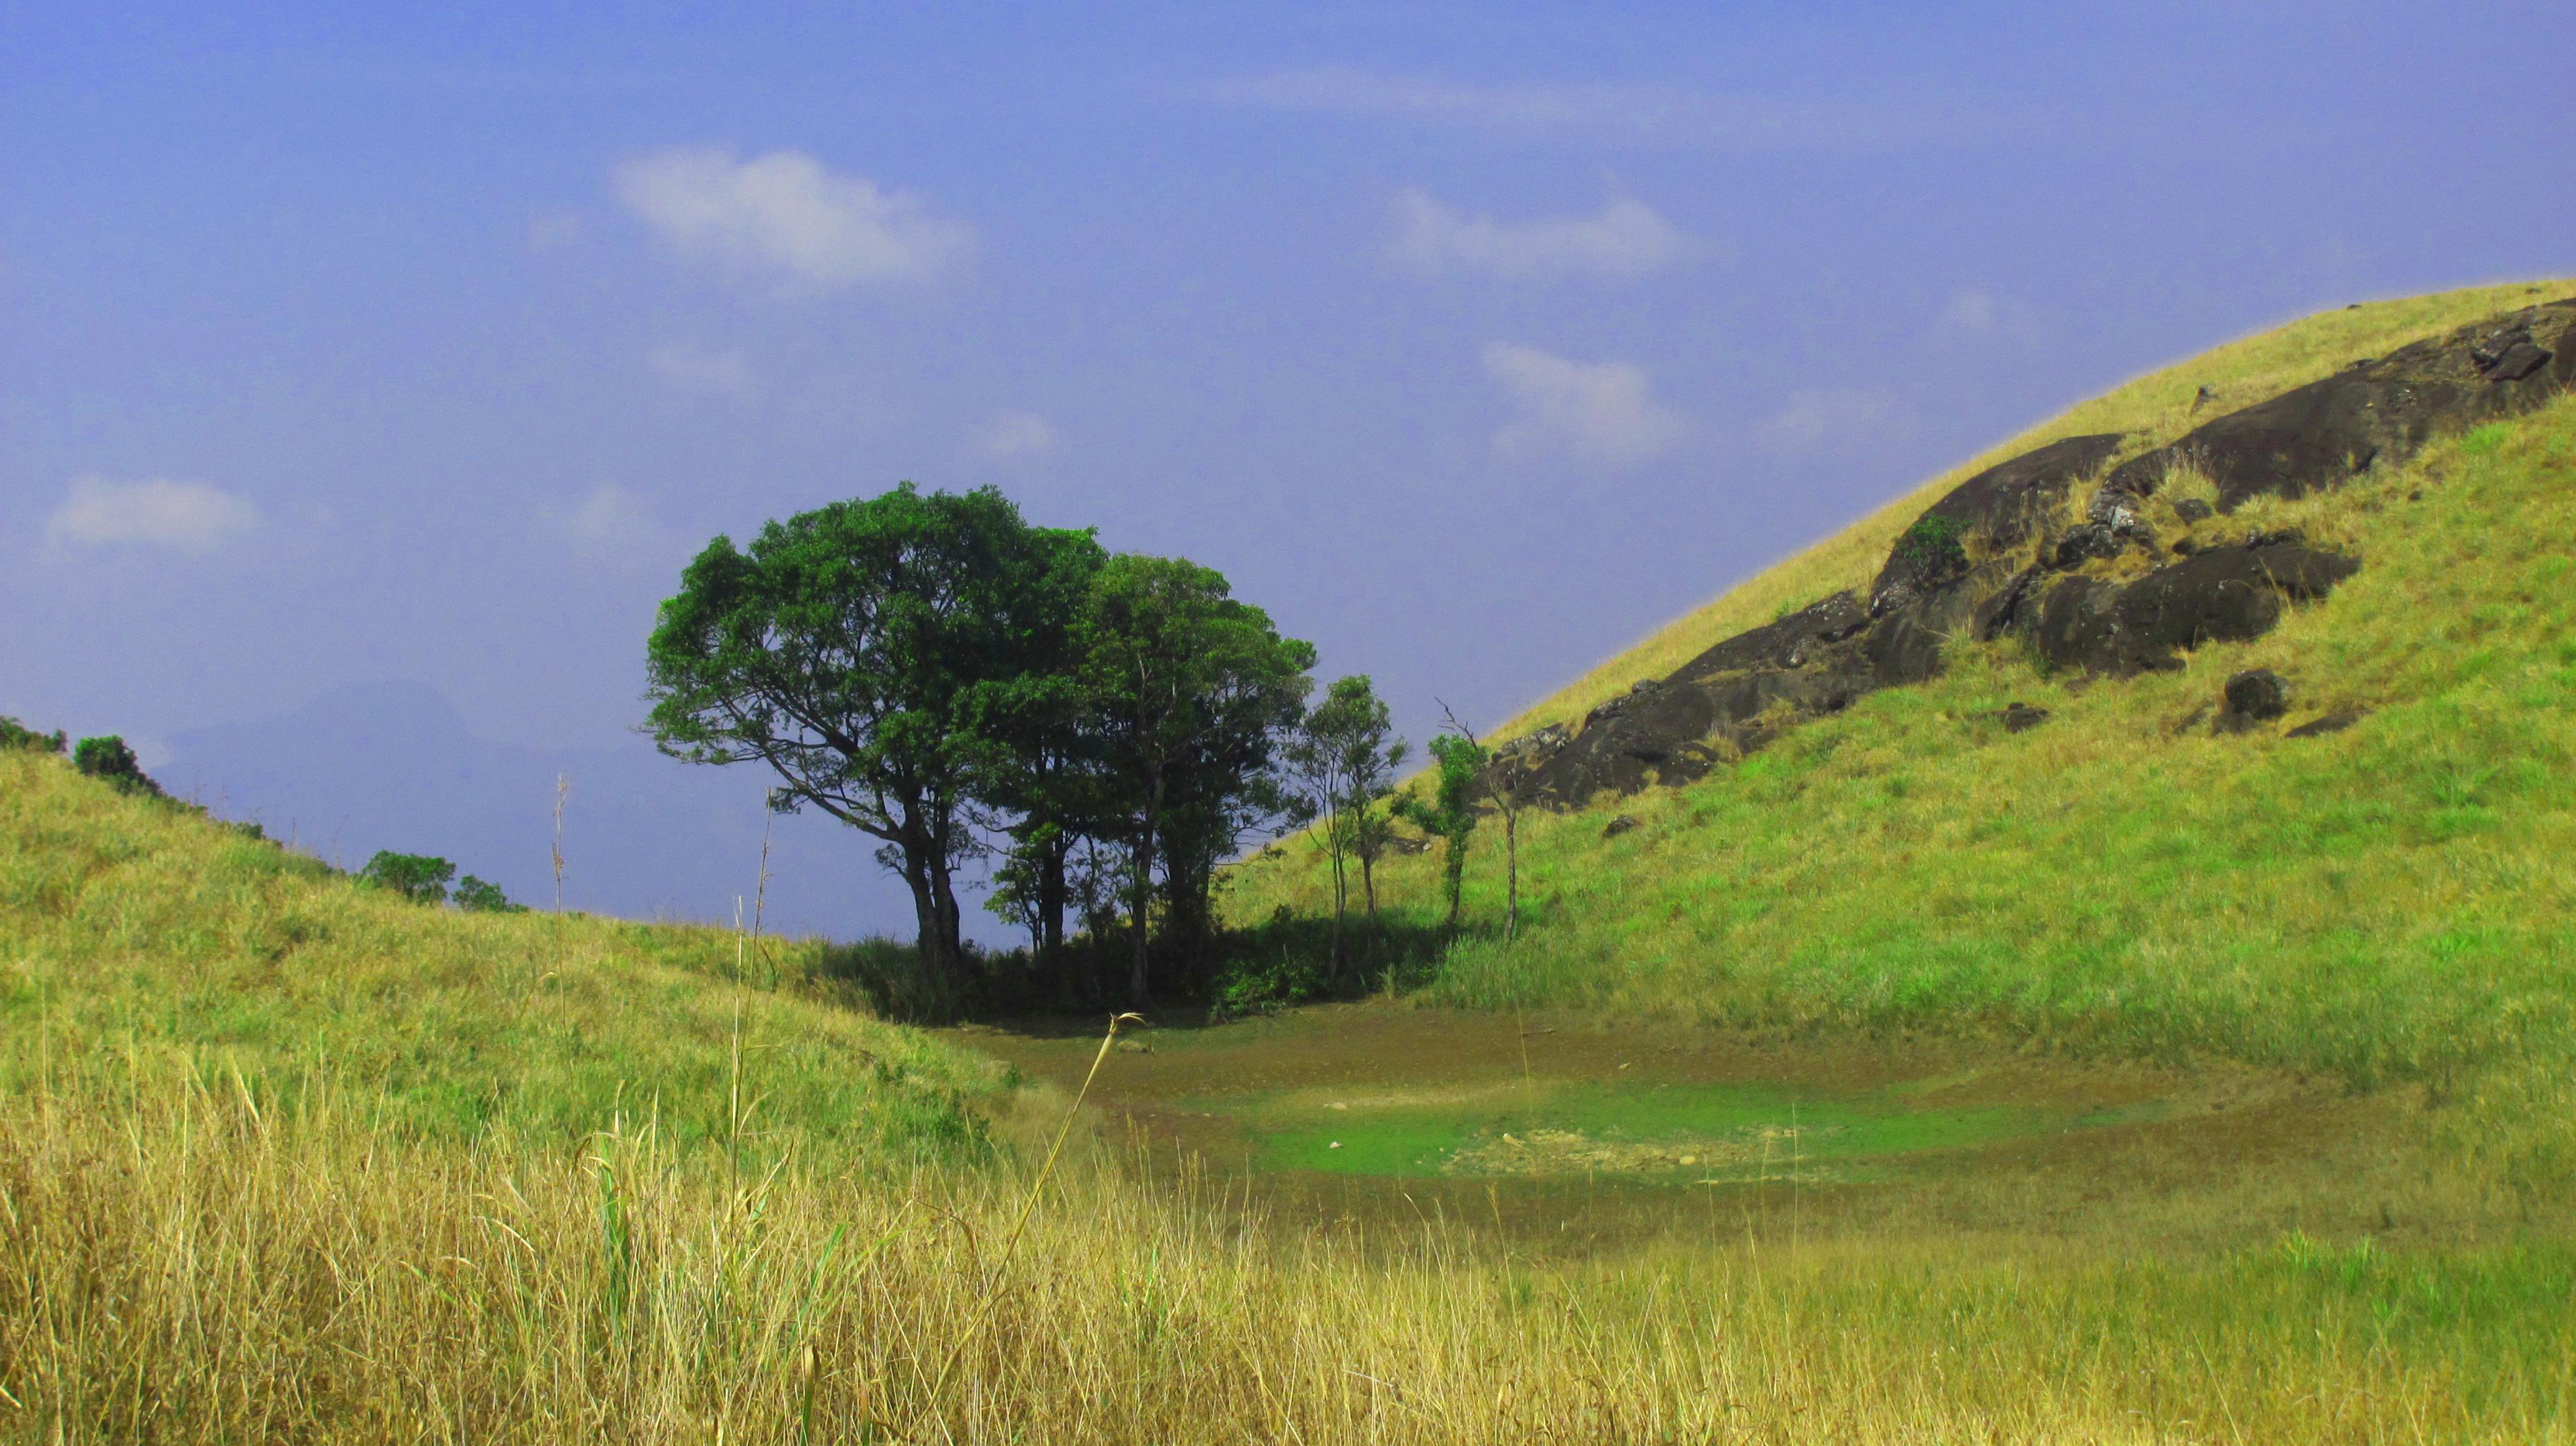 Chembra Peak Trek, Chembra Peak Trekking, Nilgiri Hills Trekking